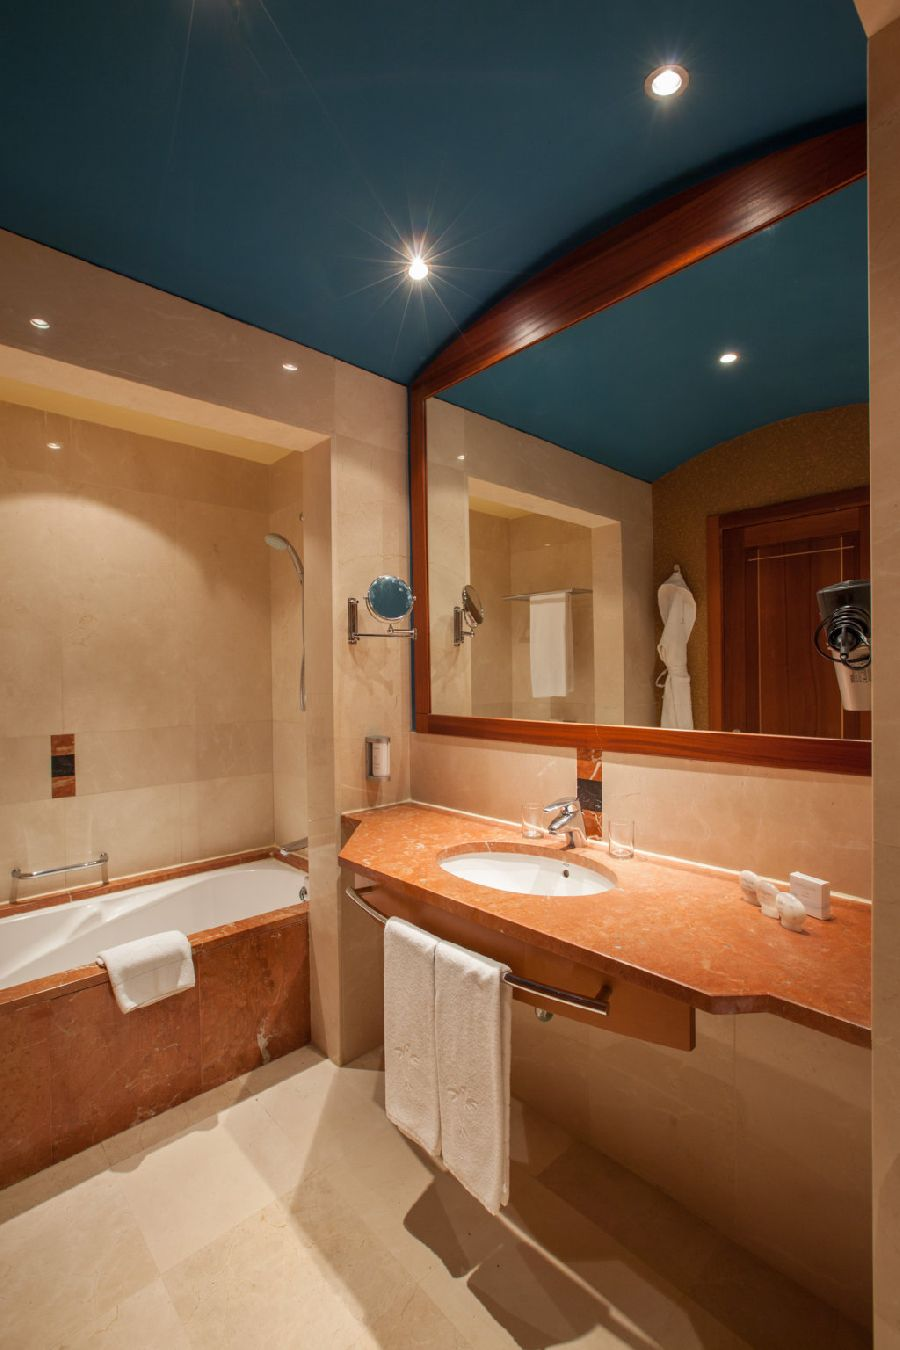 Habitación doble Lujo del hotel Lopesan Costa Meloneras Resort, Spa and Casino. Foto 1